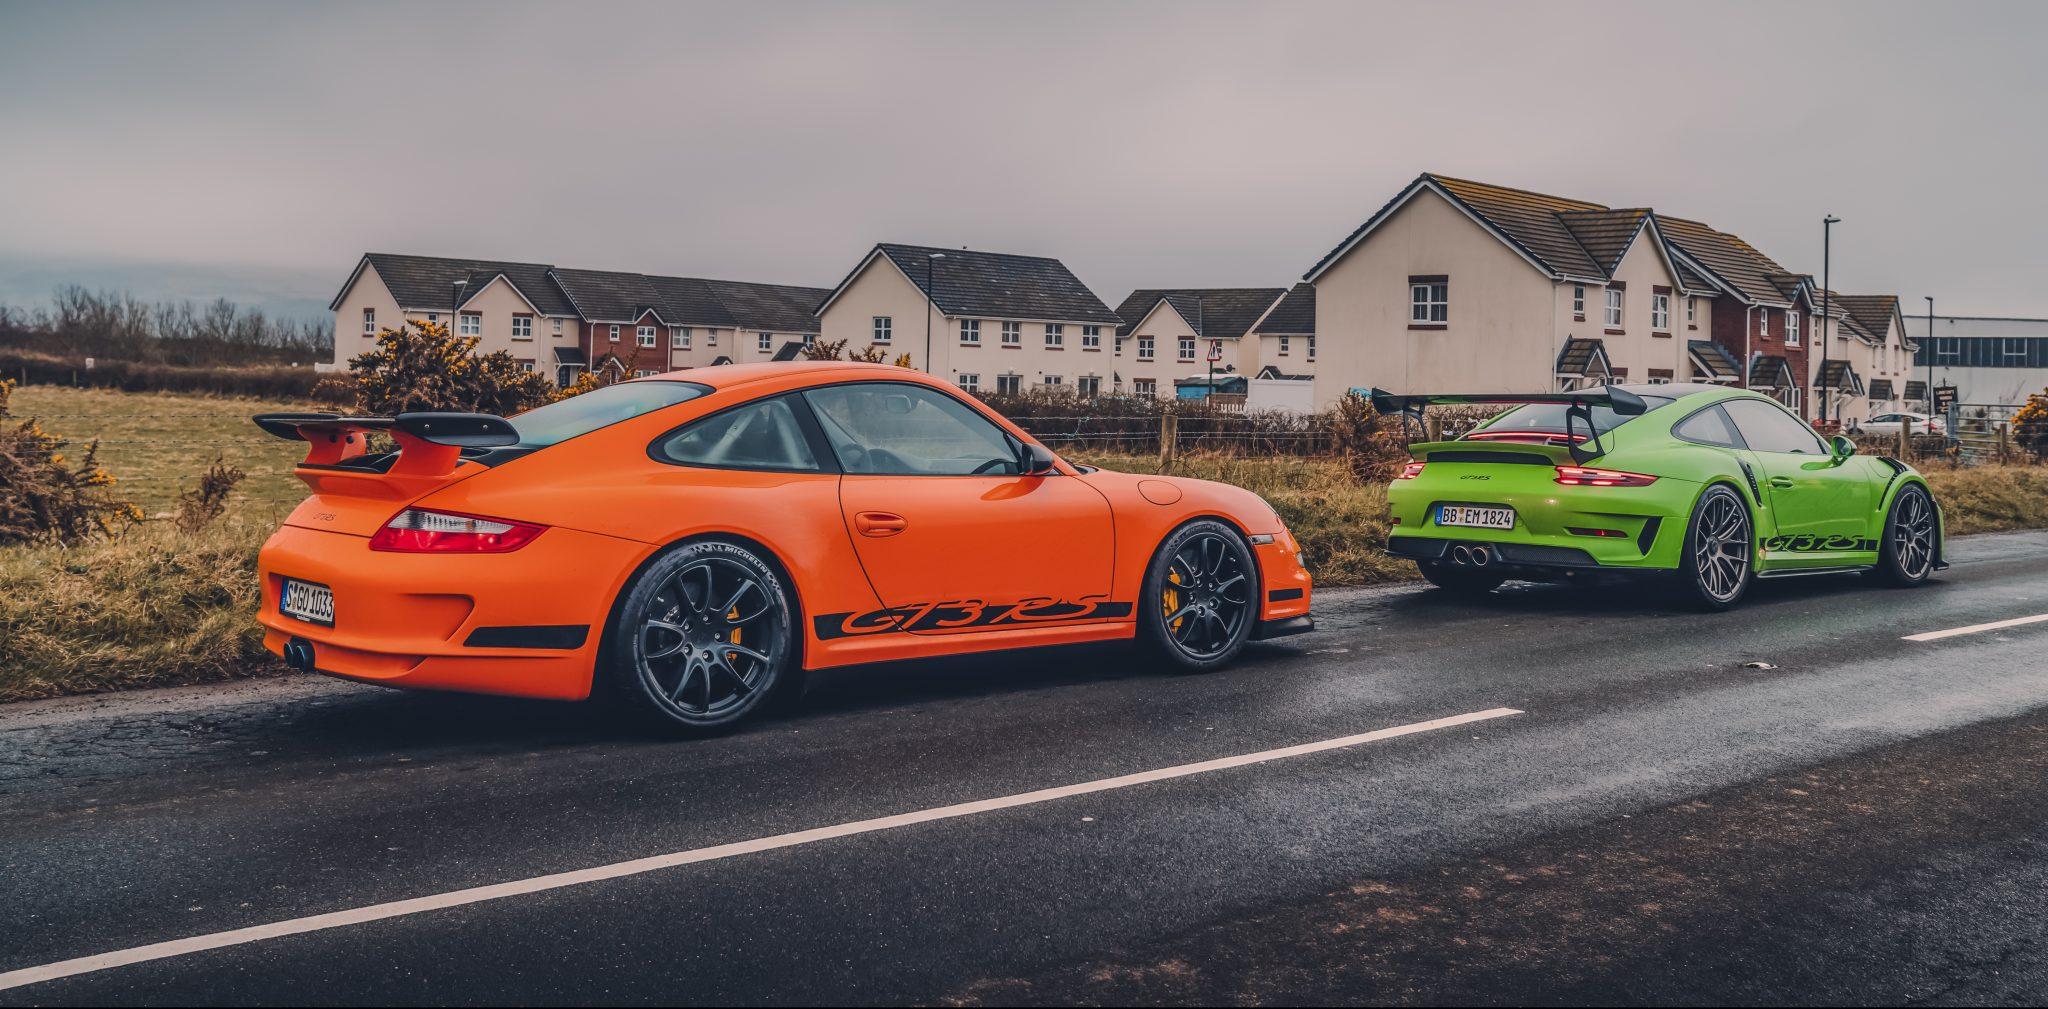 Porsche 911 gt3 rs 997 991.2